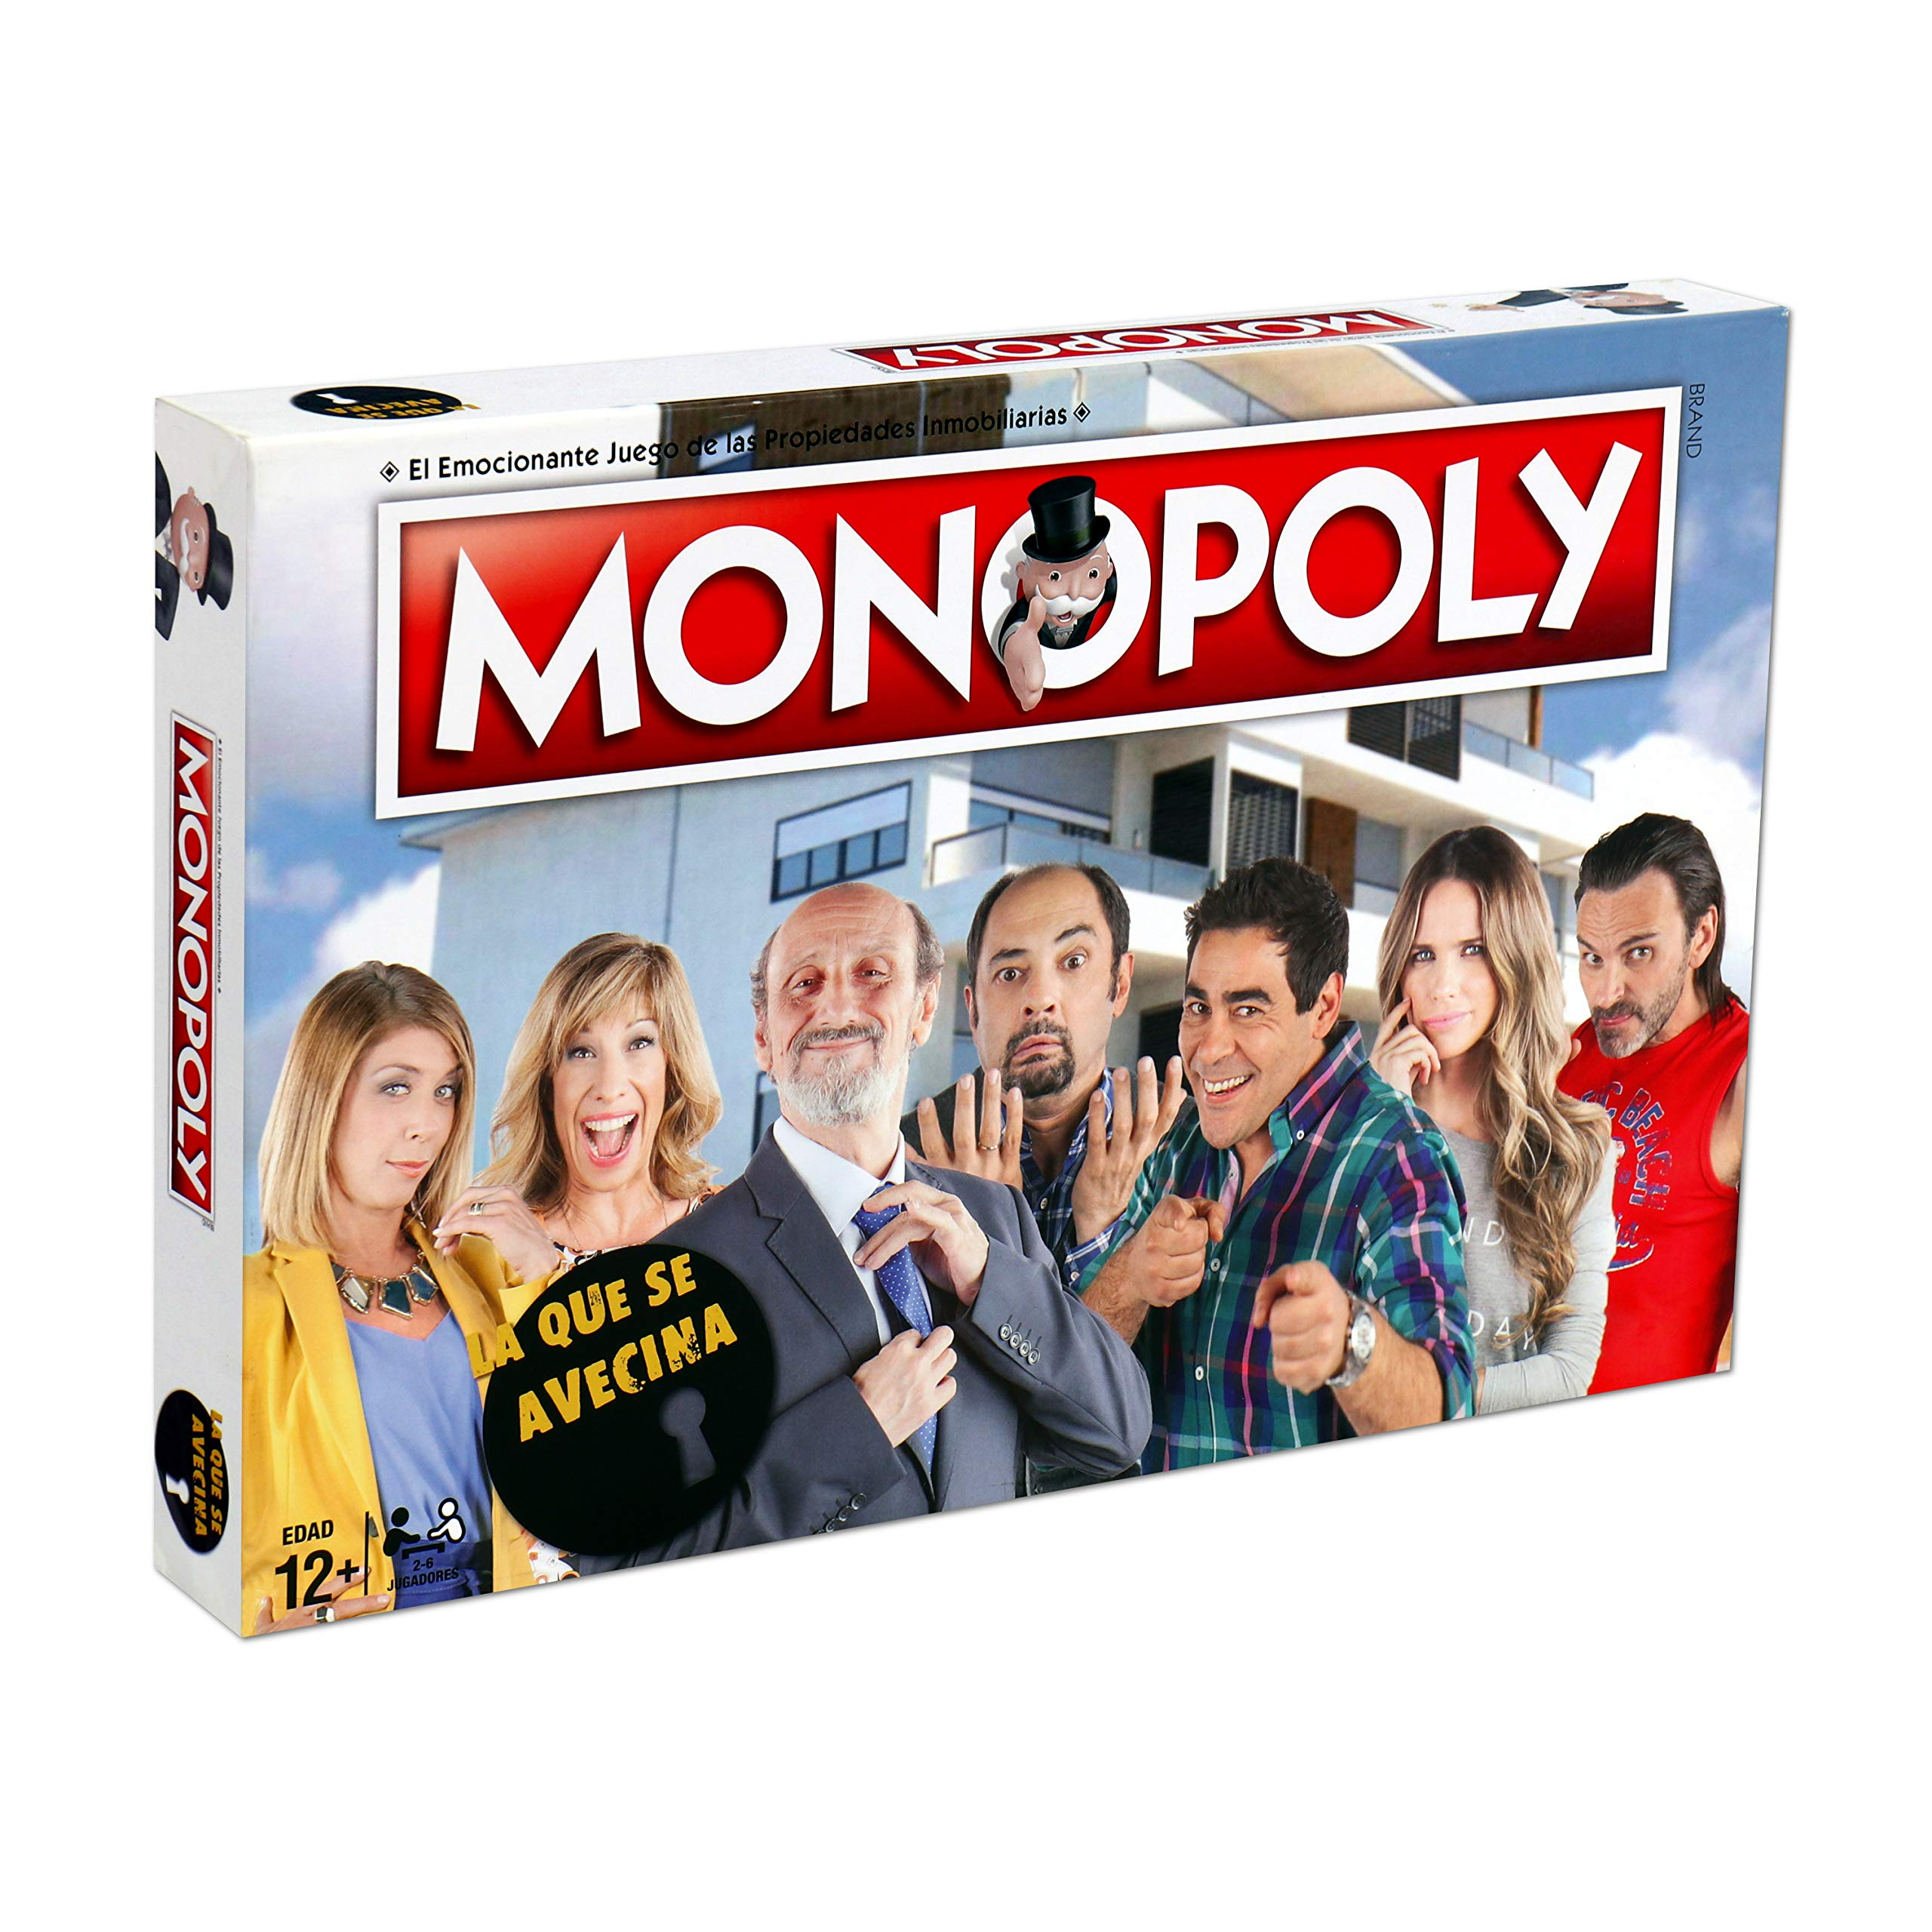 ELEVEN FORCE Monopoly La Que Se Avecina (63454), multicolor, ninguna